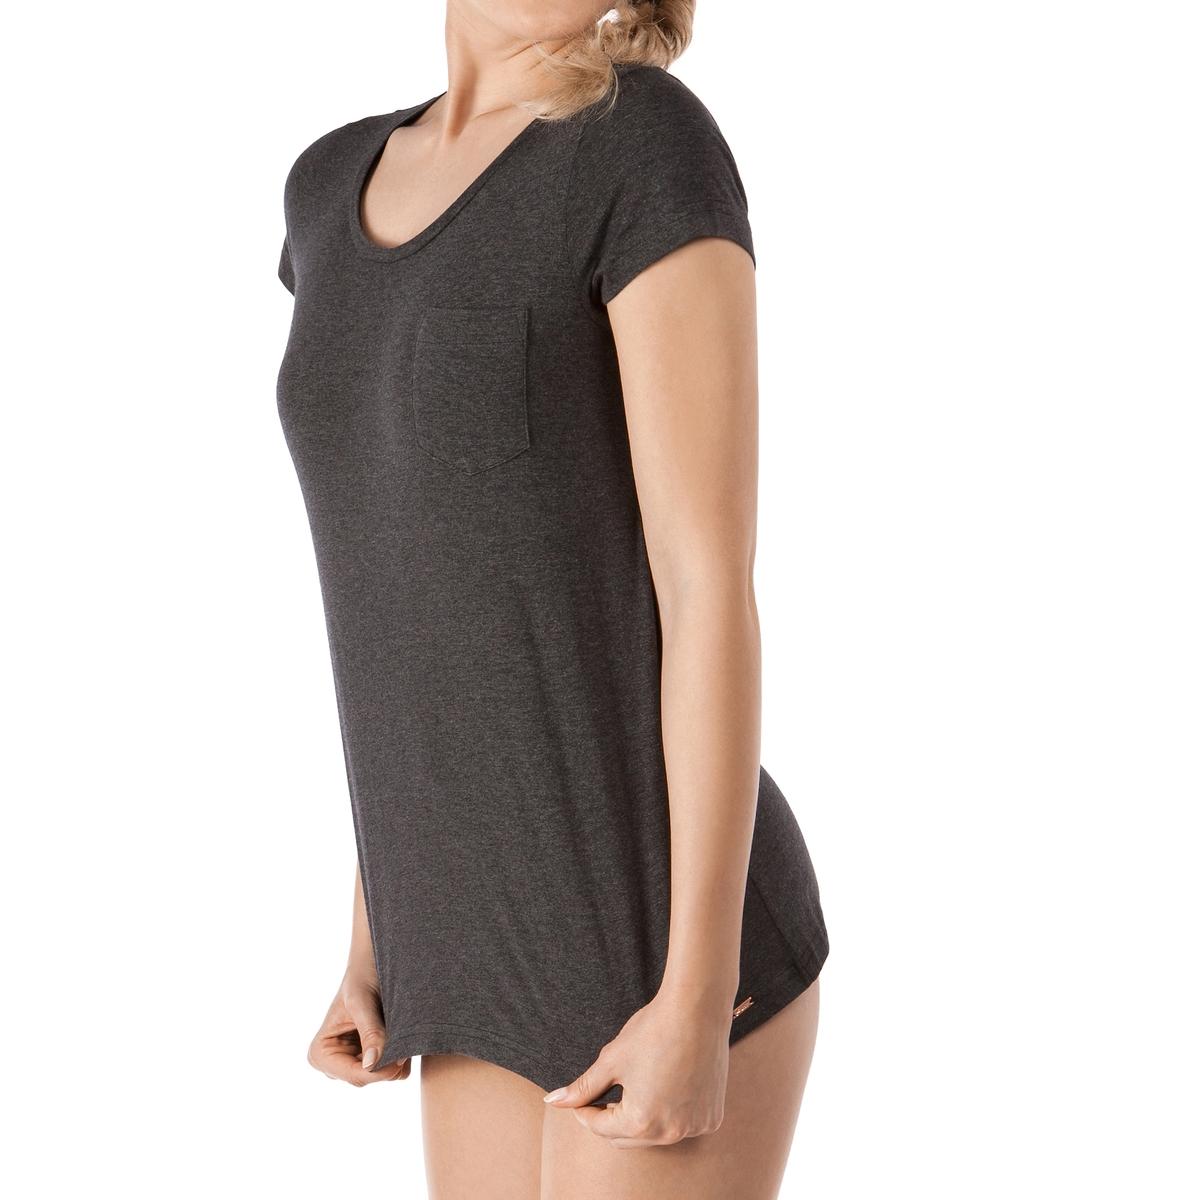 Футболка из хлопка, Sleep DreamФутболка с длинными рукавами Sleep Dream от Skinny. Строгая футболка с безупречной отделкой, в которой будет комфортно спать. V-образный вырез и небольшой карман сбоку на уровне груди . Состав и детали :Материал : 100% хлопка Подкладка : -   Марка : SKINNY Уход :Машинная стирка при 30°.Машинная сушка запрещена.Не гладить.<br><br>Цвет: темно-серый